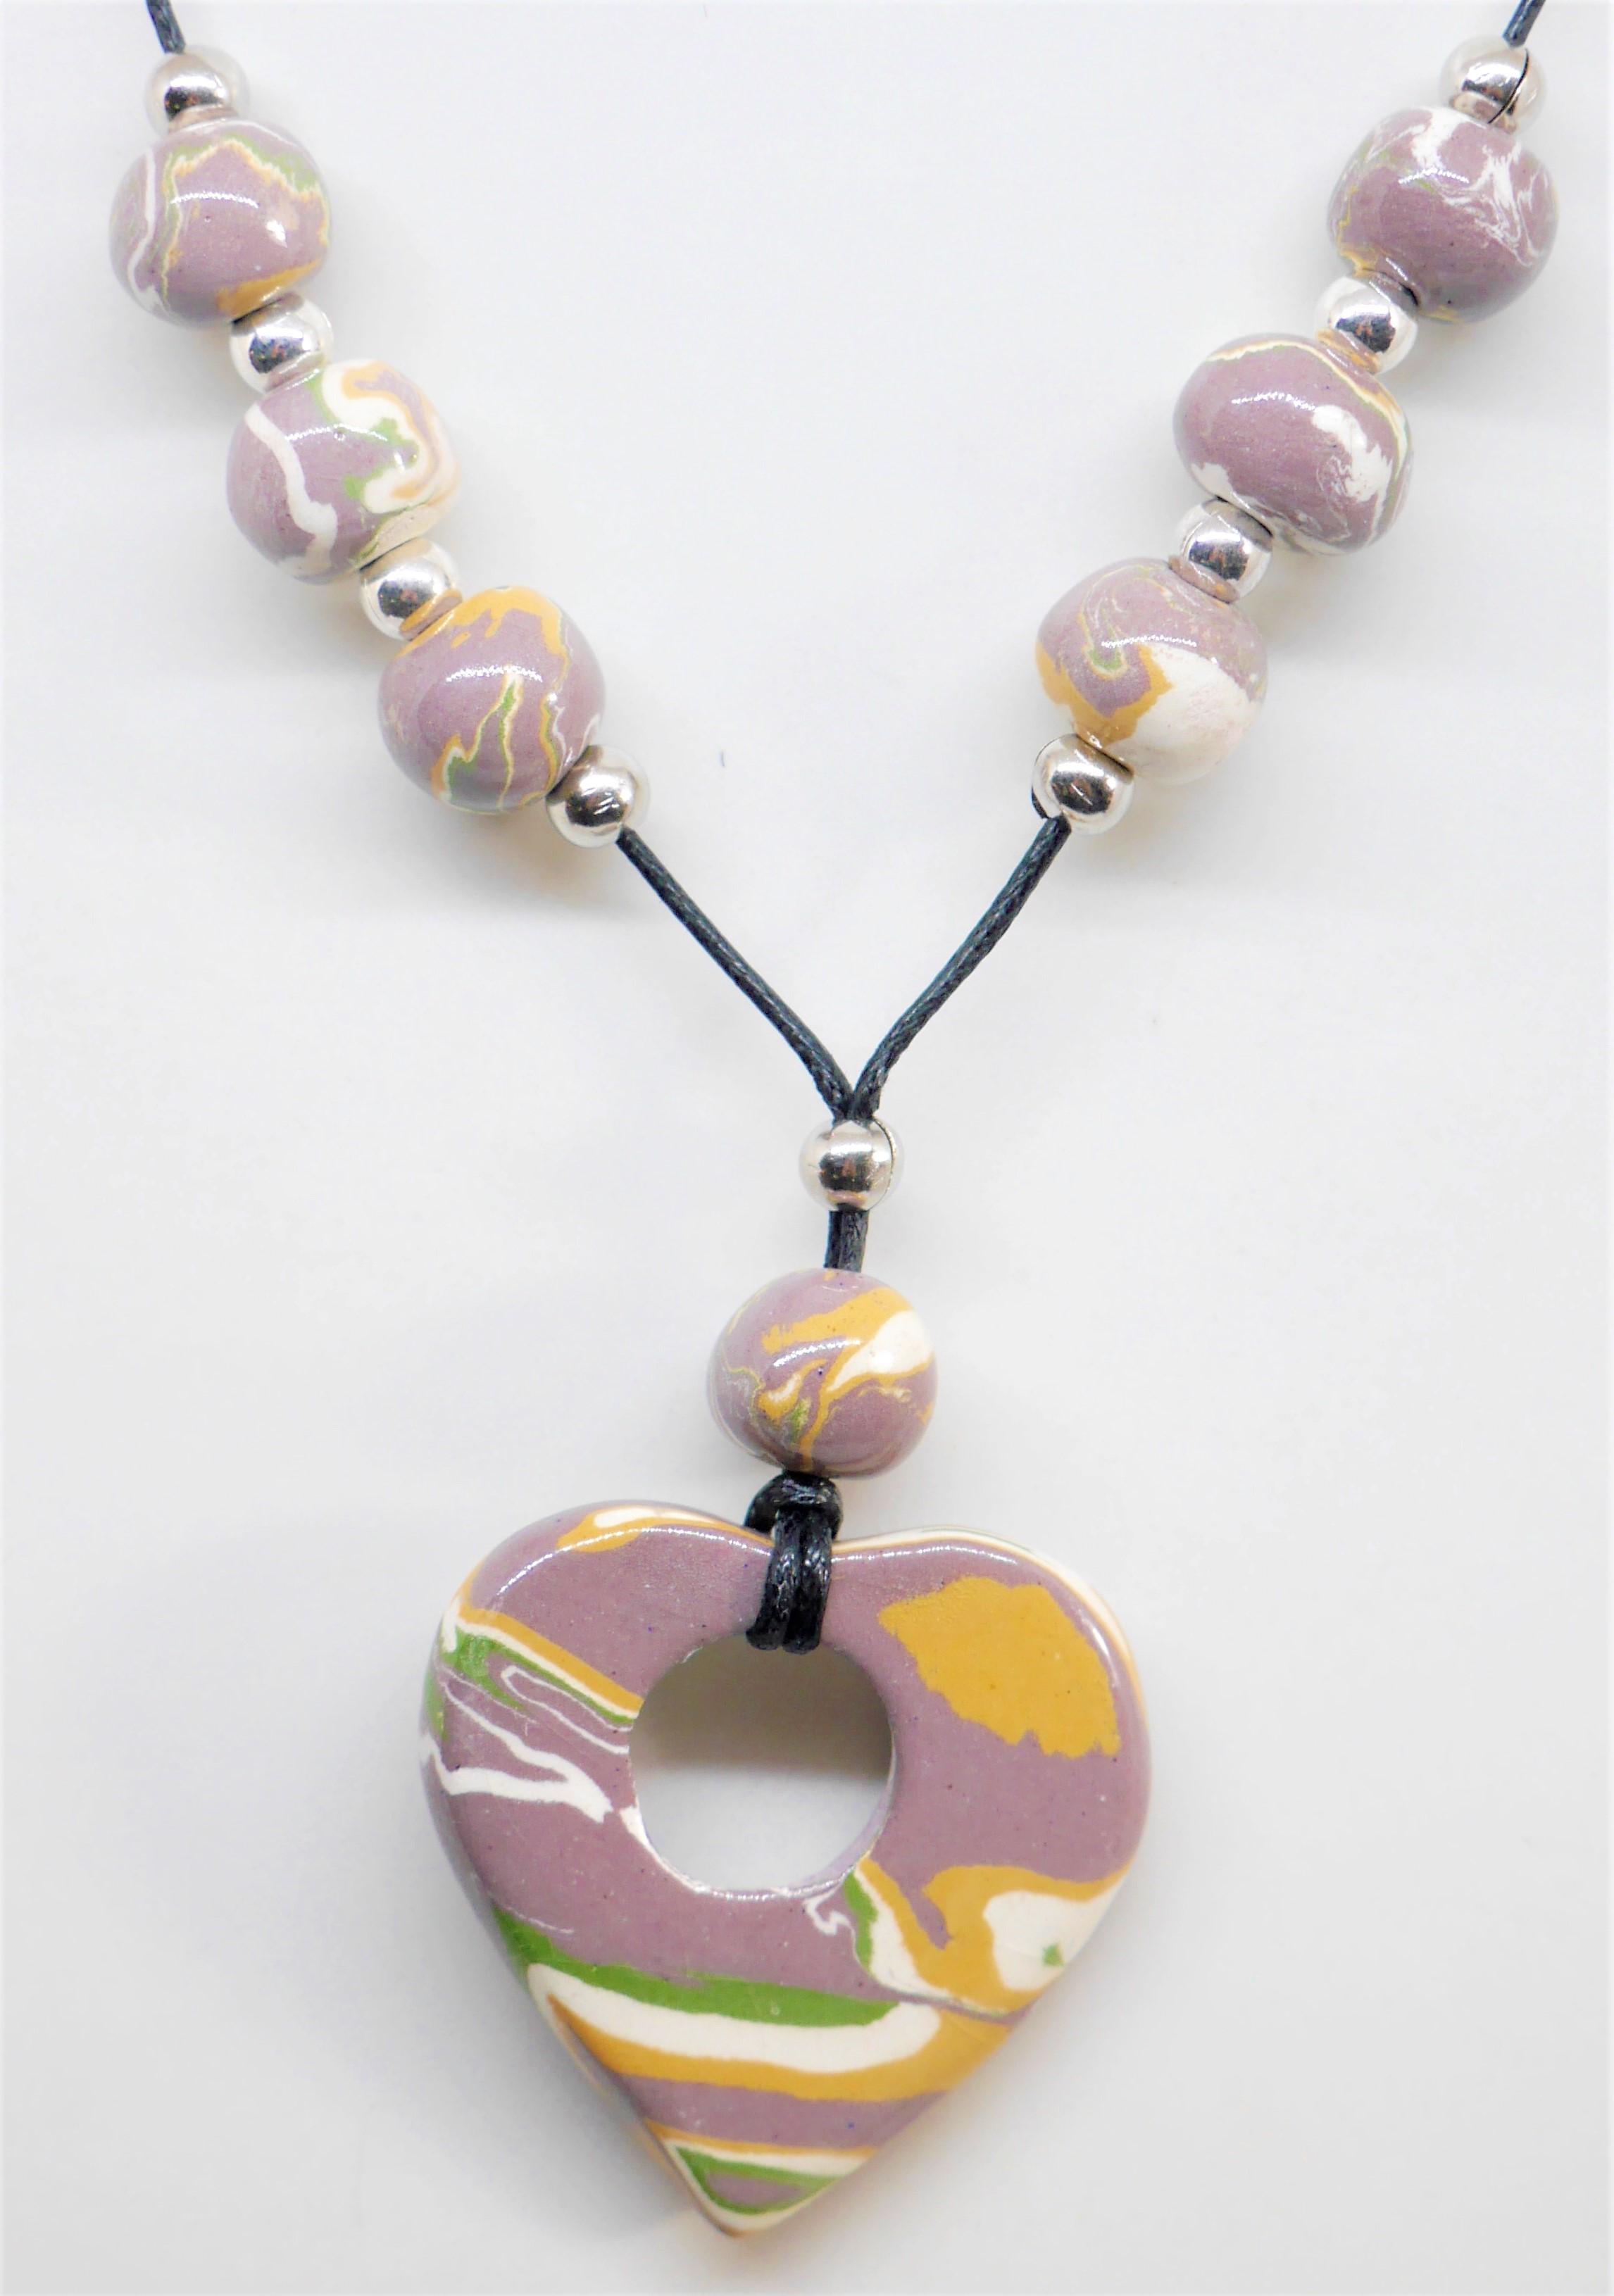 Collier artisanal beige terre mélé de Nadia Eskenazi Ceramic-Mac, créatrice de bijoux de fantaisie